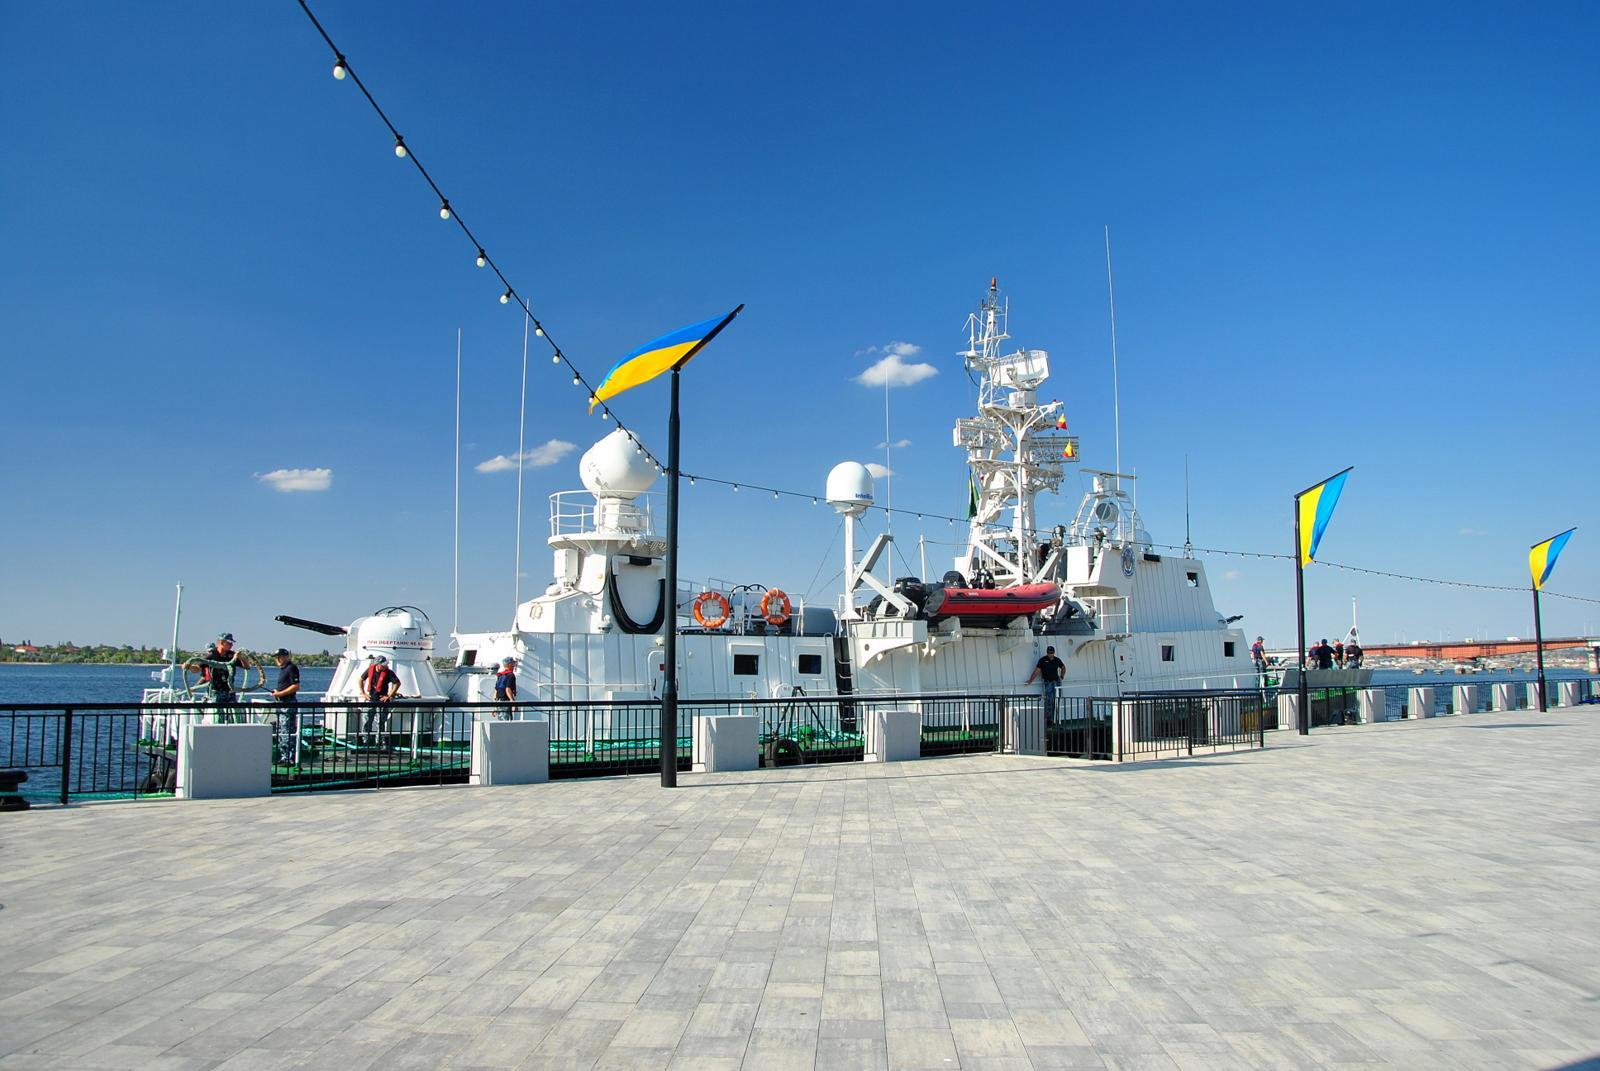 В честь 321-й годовщины основания Николаева в город зашел одноименный корабль морской охраны